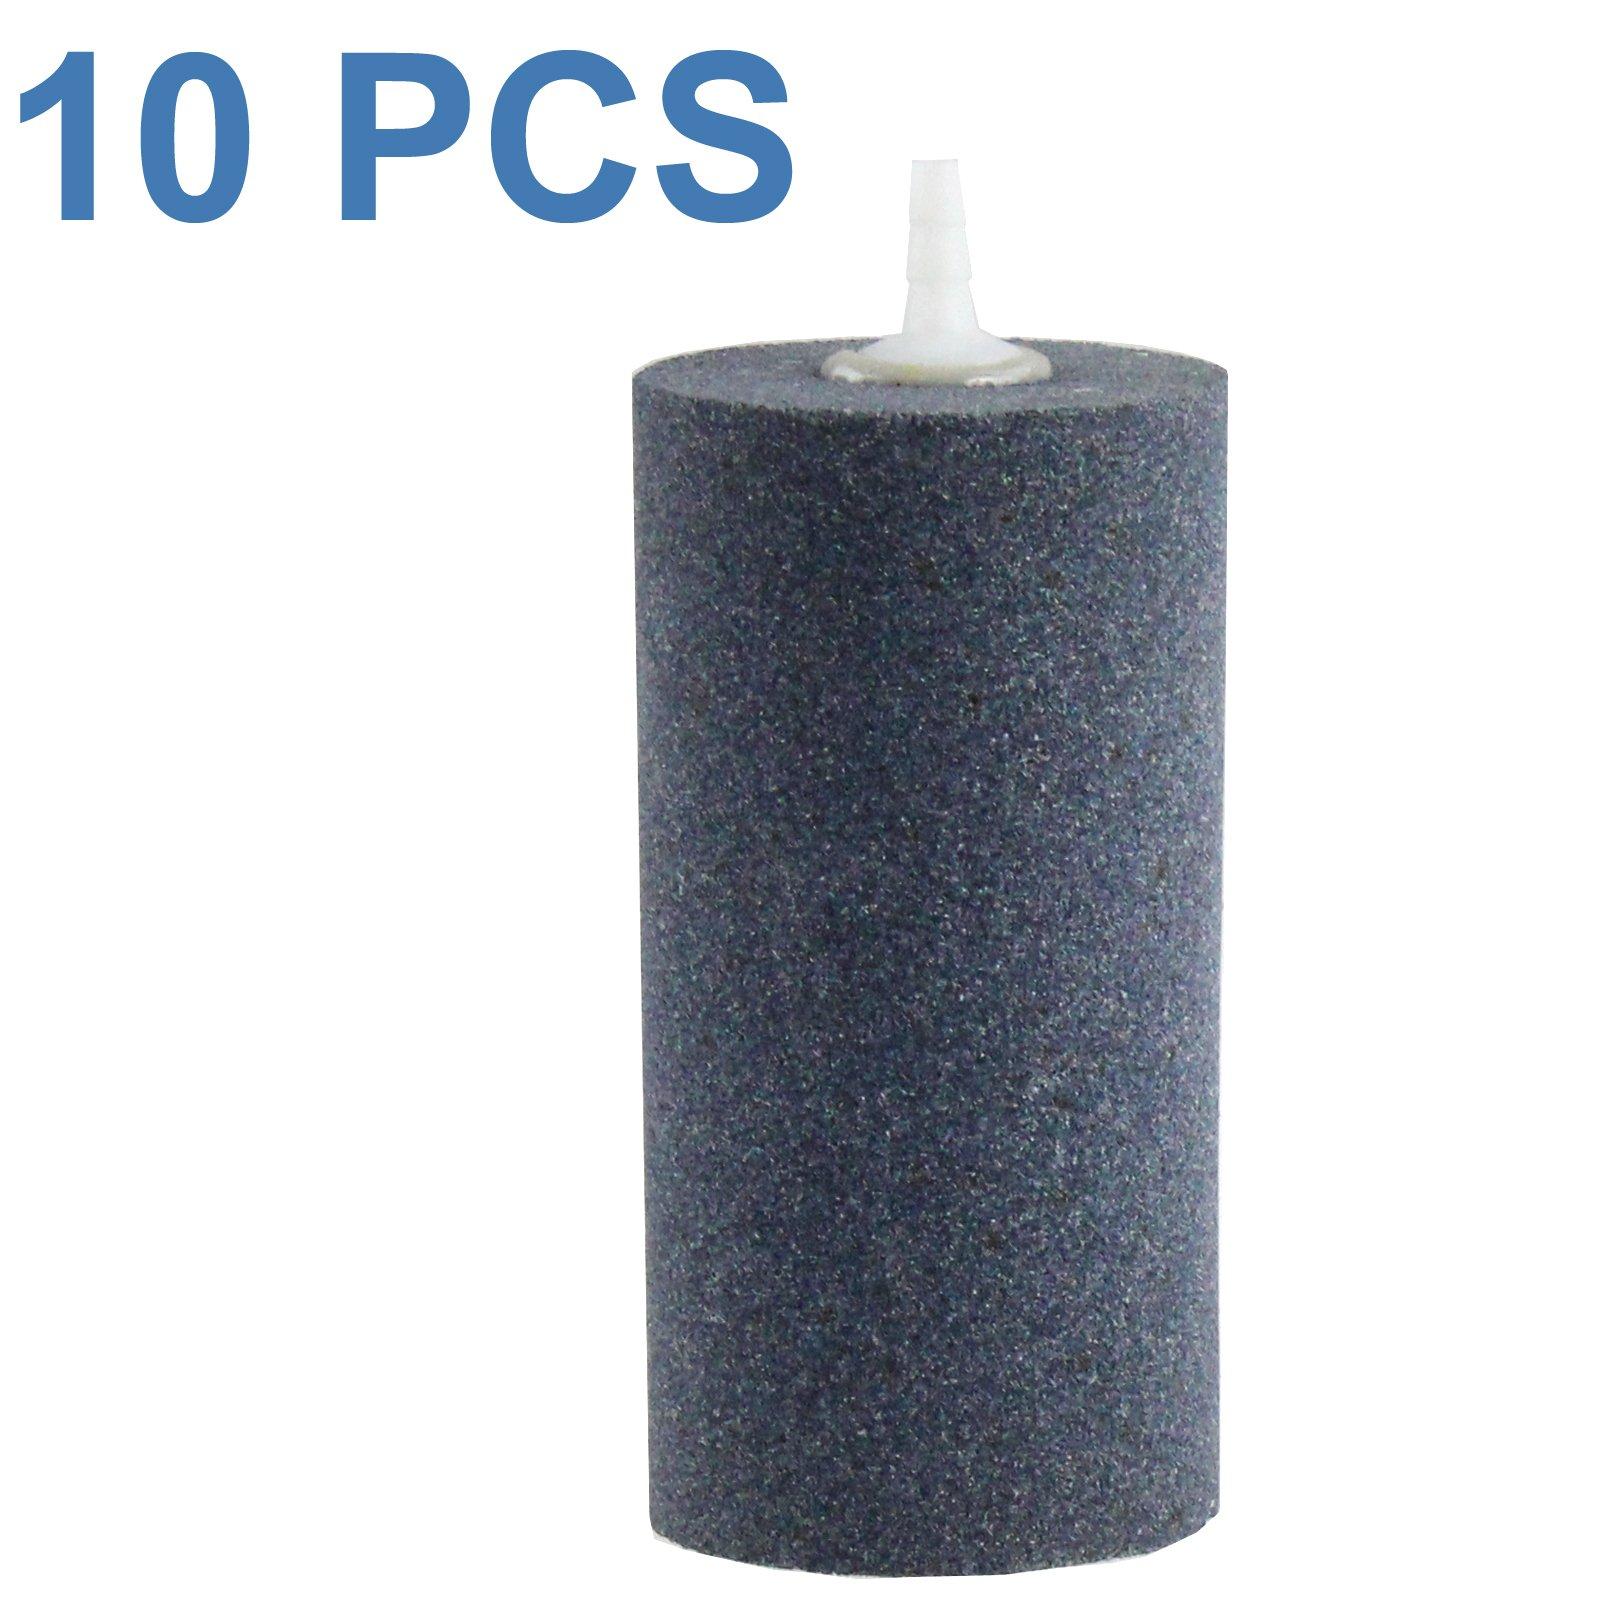 Aquaneat 10pcs 4''x2'' Air Stone for Aquarium Air Pump Fish Tank Aerator Diffuser Hydroponics Cylinder (10pcs, 4'') by Aquaneat